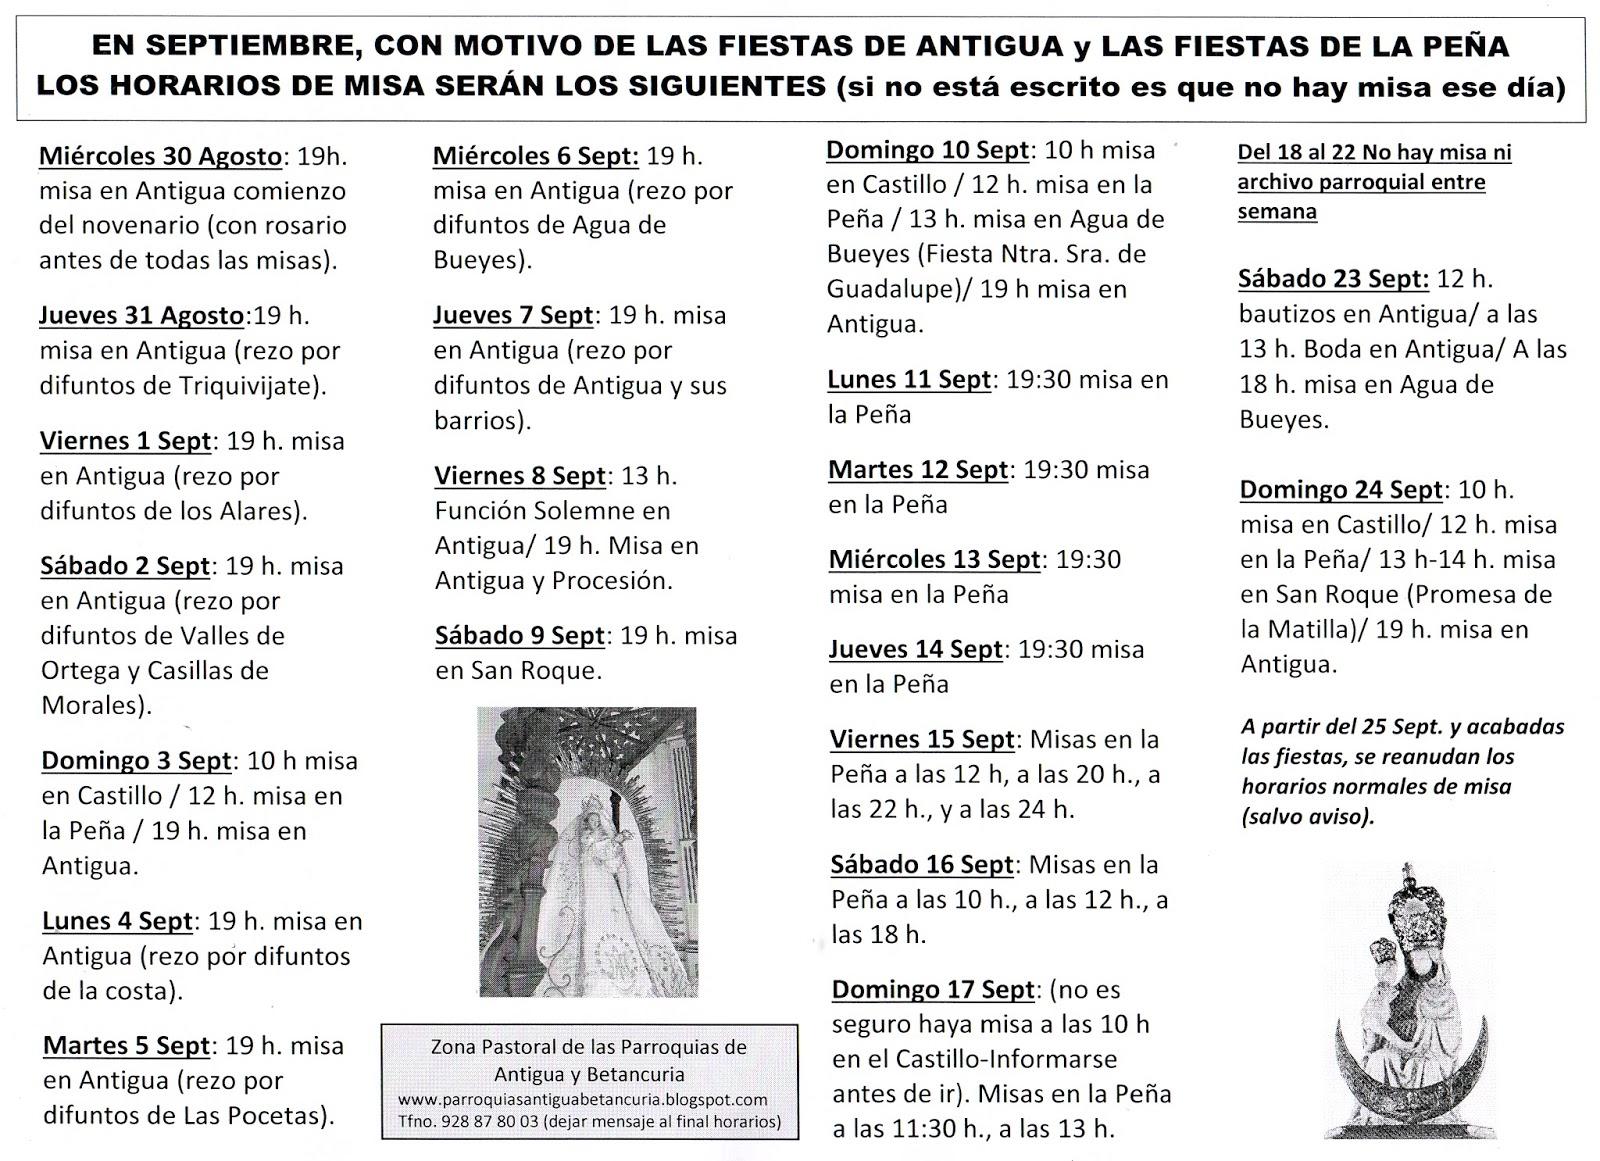 Hoja Parroquial de las Parroquias de Antigua y Betancuria: Cambios ...